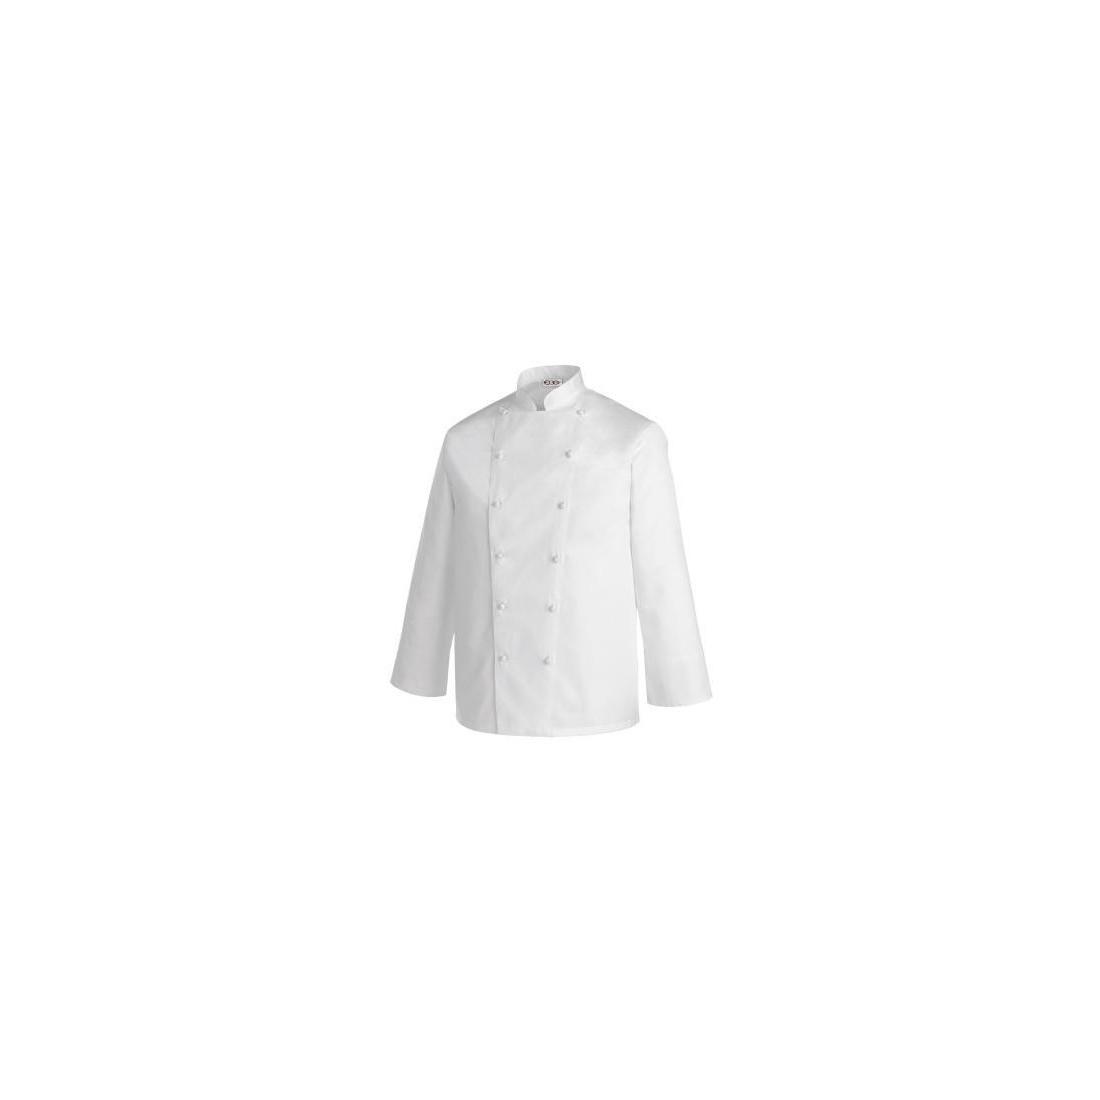 Chaqueta/casaca de Cocina Tallas grandesBIG JACKET